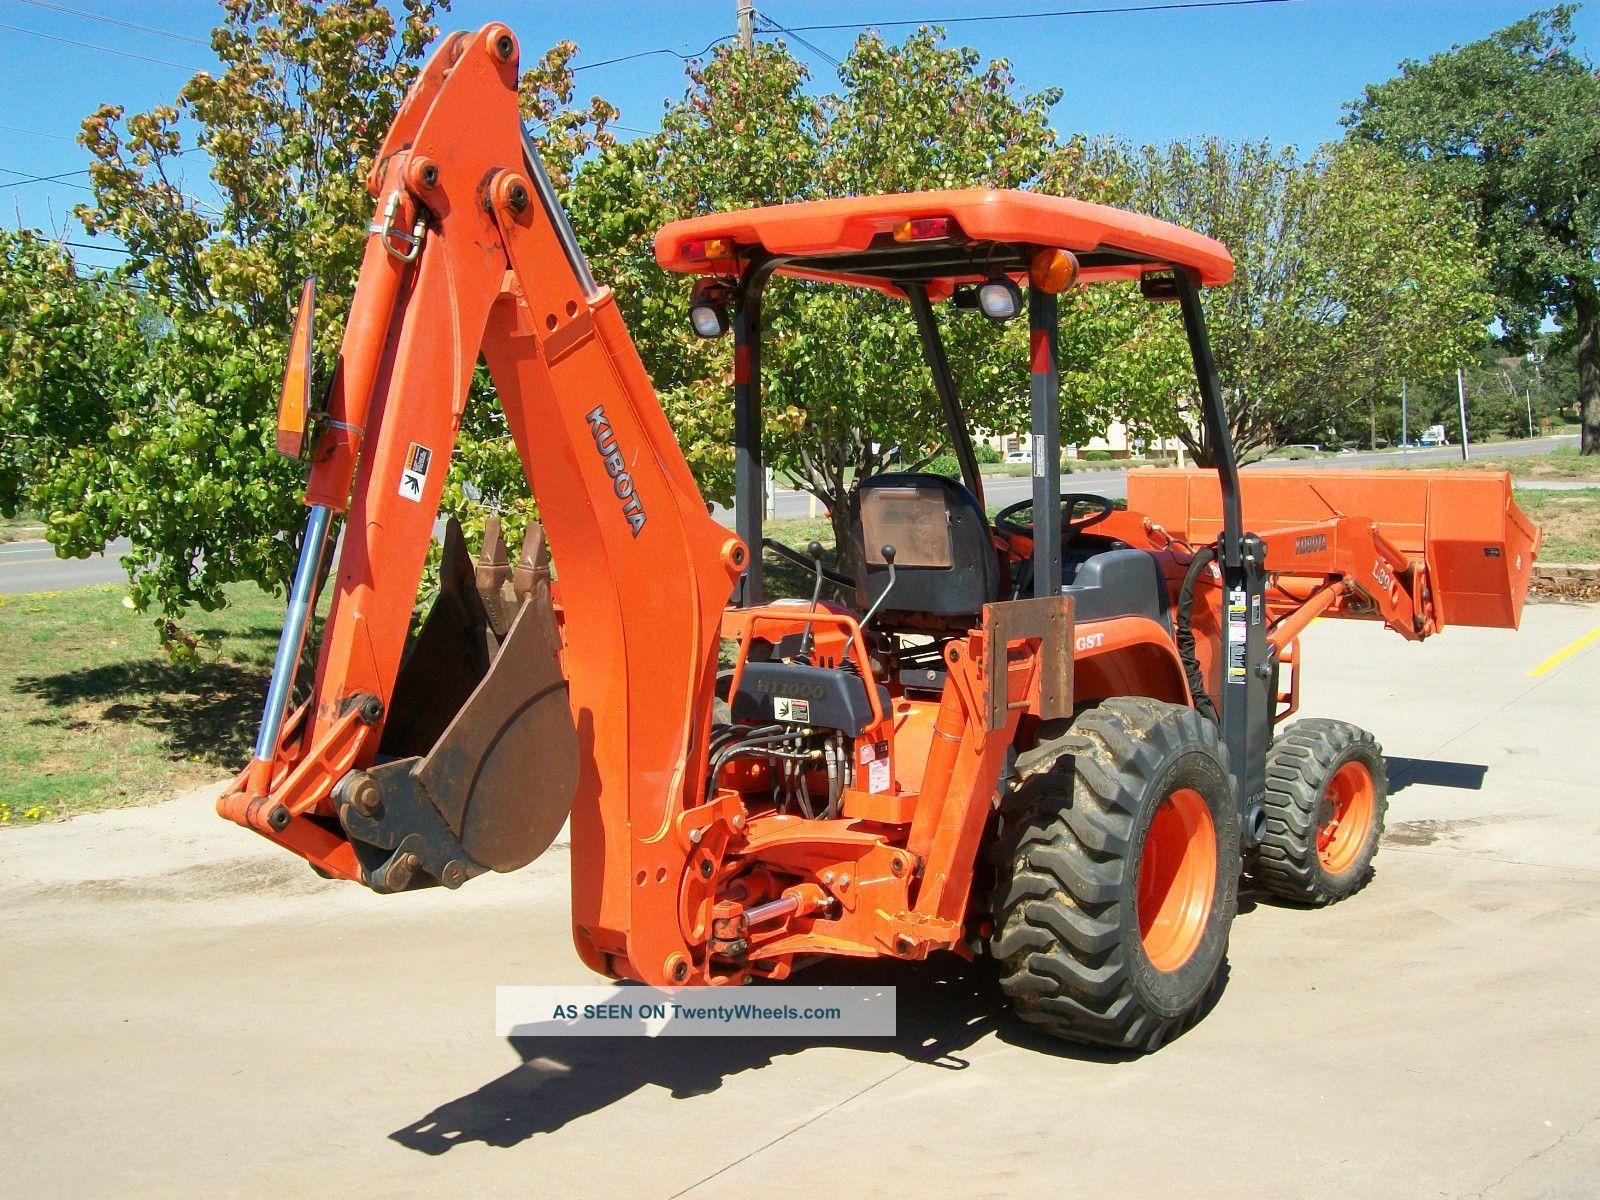 Kubota Tractor Backhoe Buckets : Kubota l compact tractor loader backhoe with